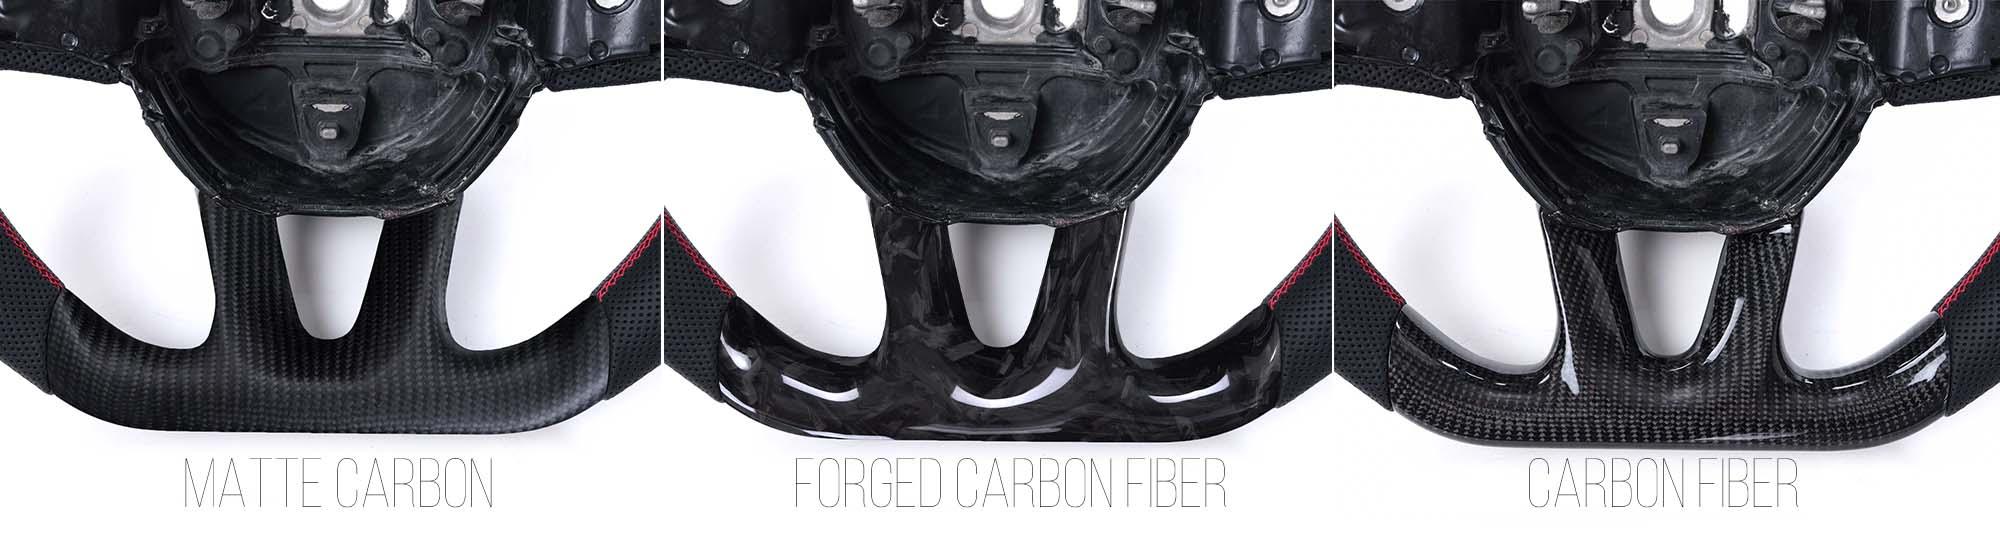 Vicrez Custom OEM Carbon Fiber Steering Wheel vz101784 | Dodge Challenger 2015-2020